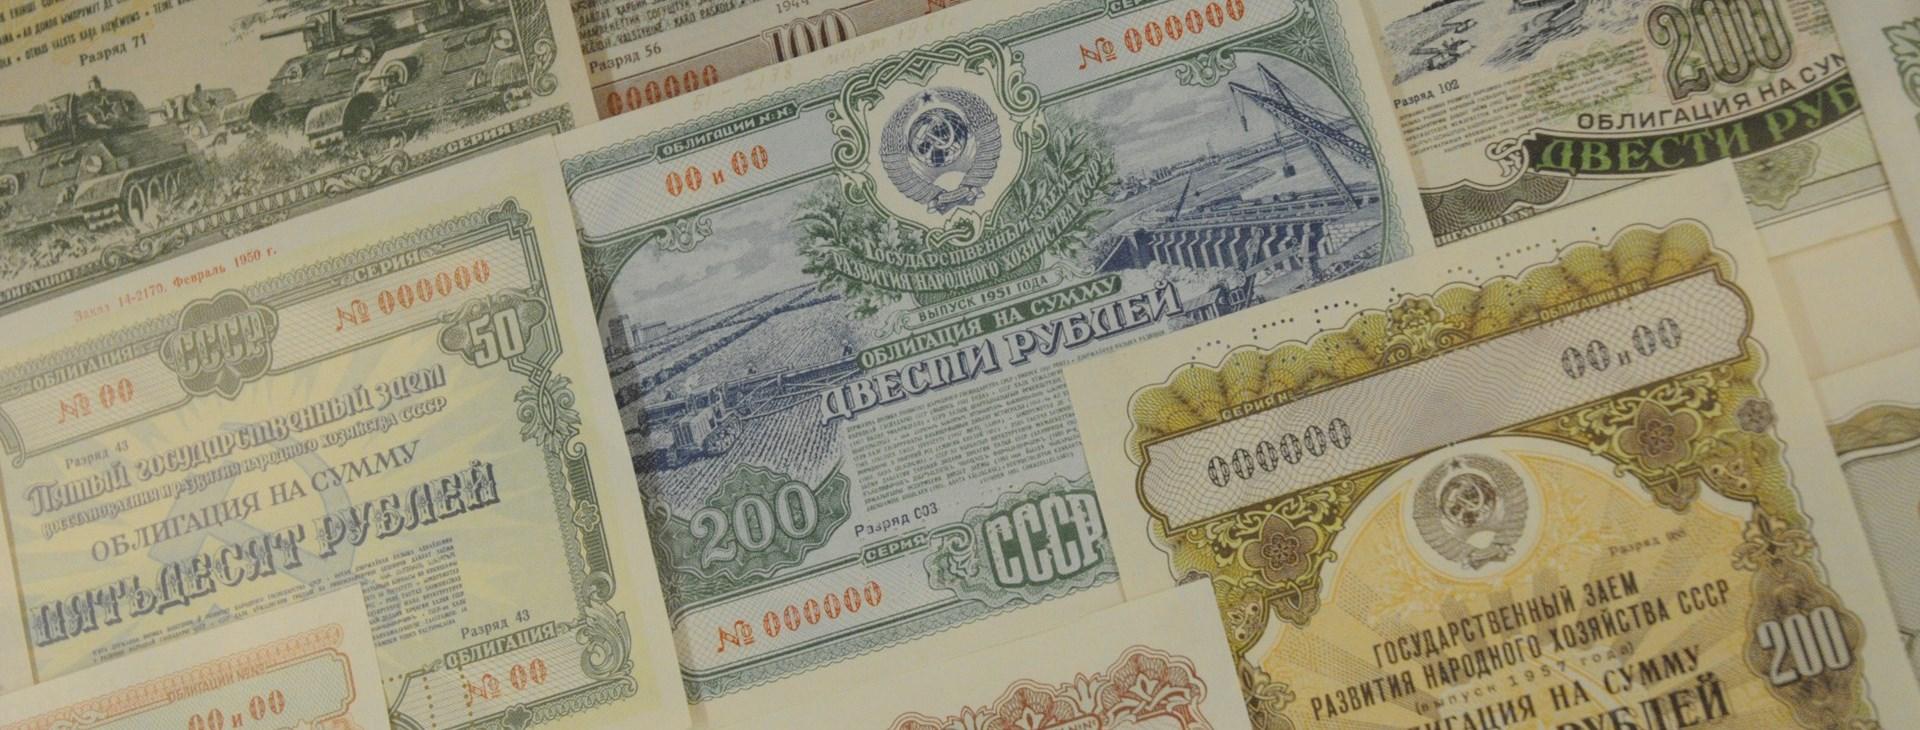 «народные» офз: плюсы и минусы для инвесторов | банки.ру